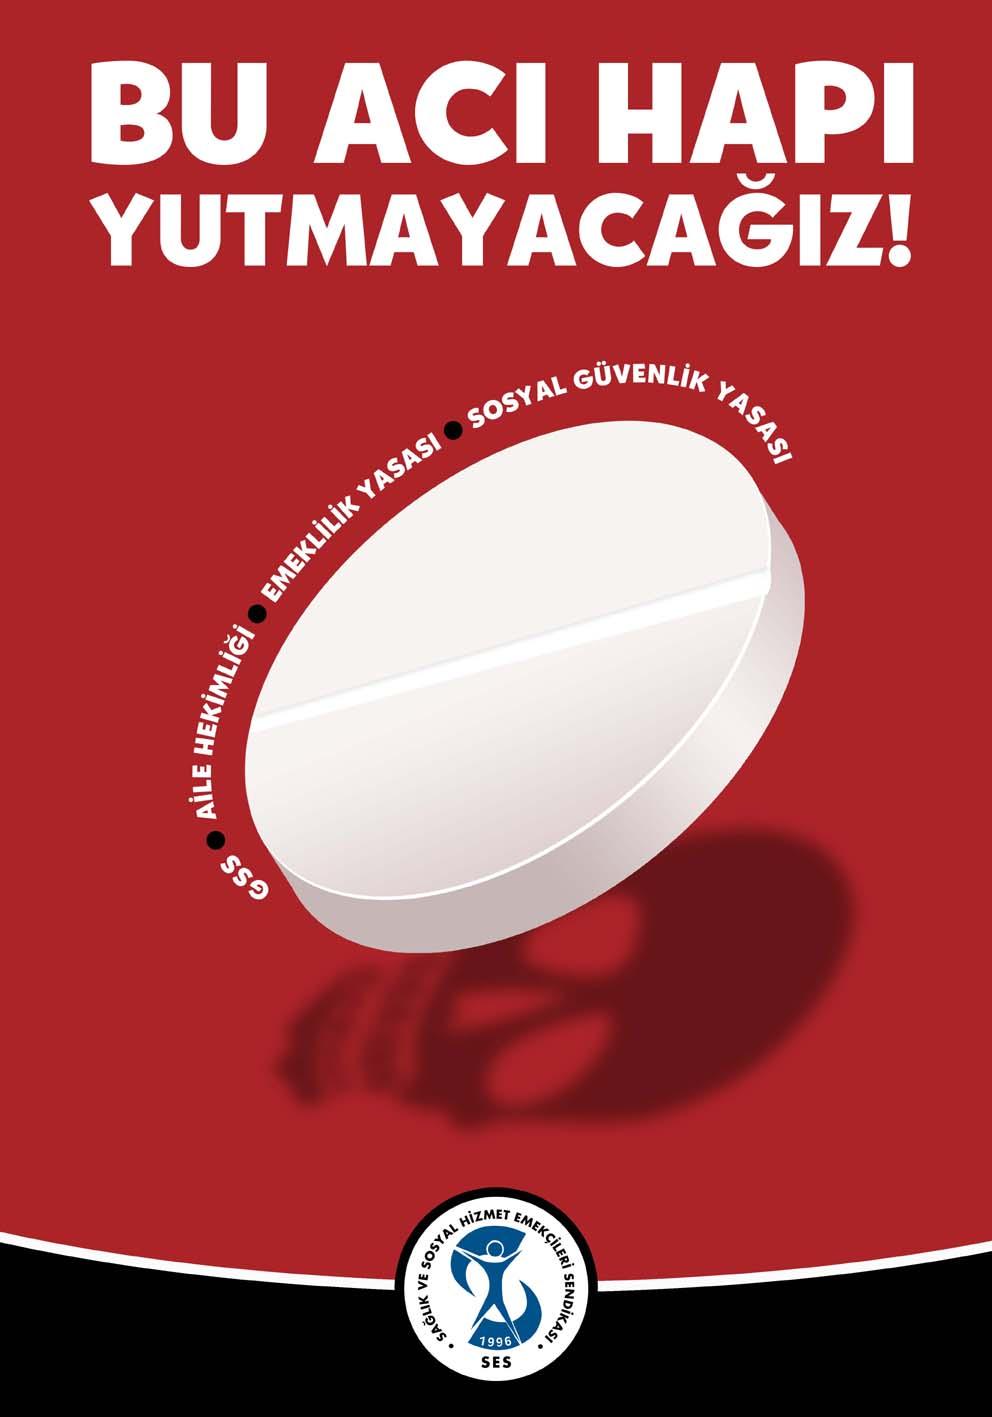 acihapiyutmayacagiz2005